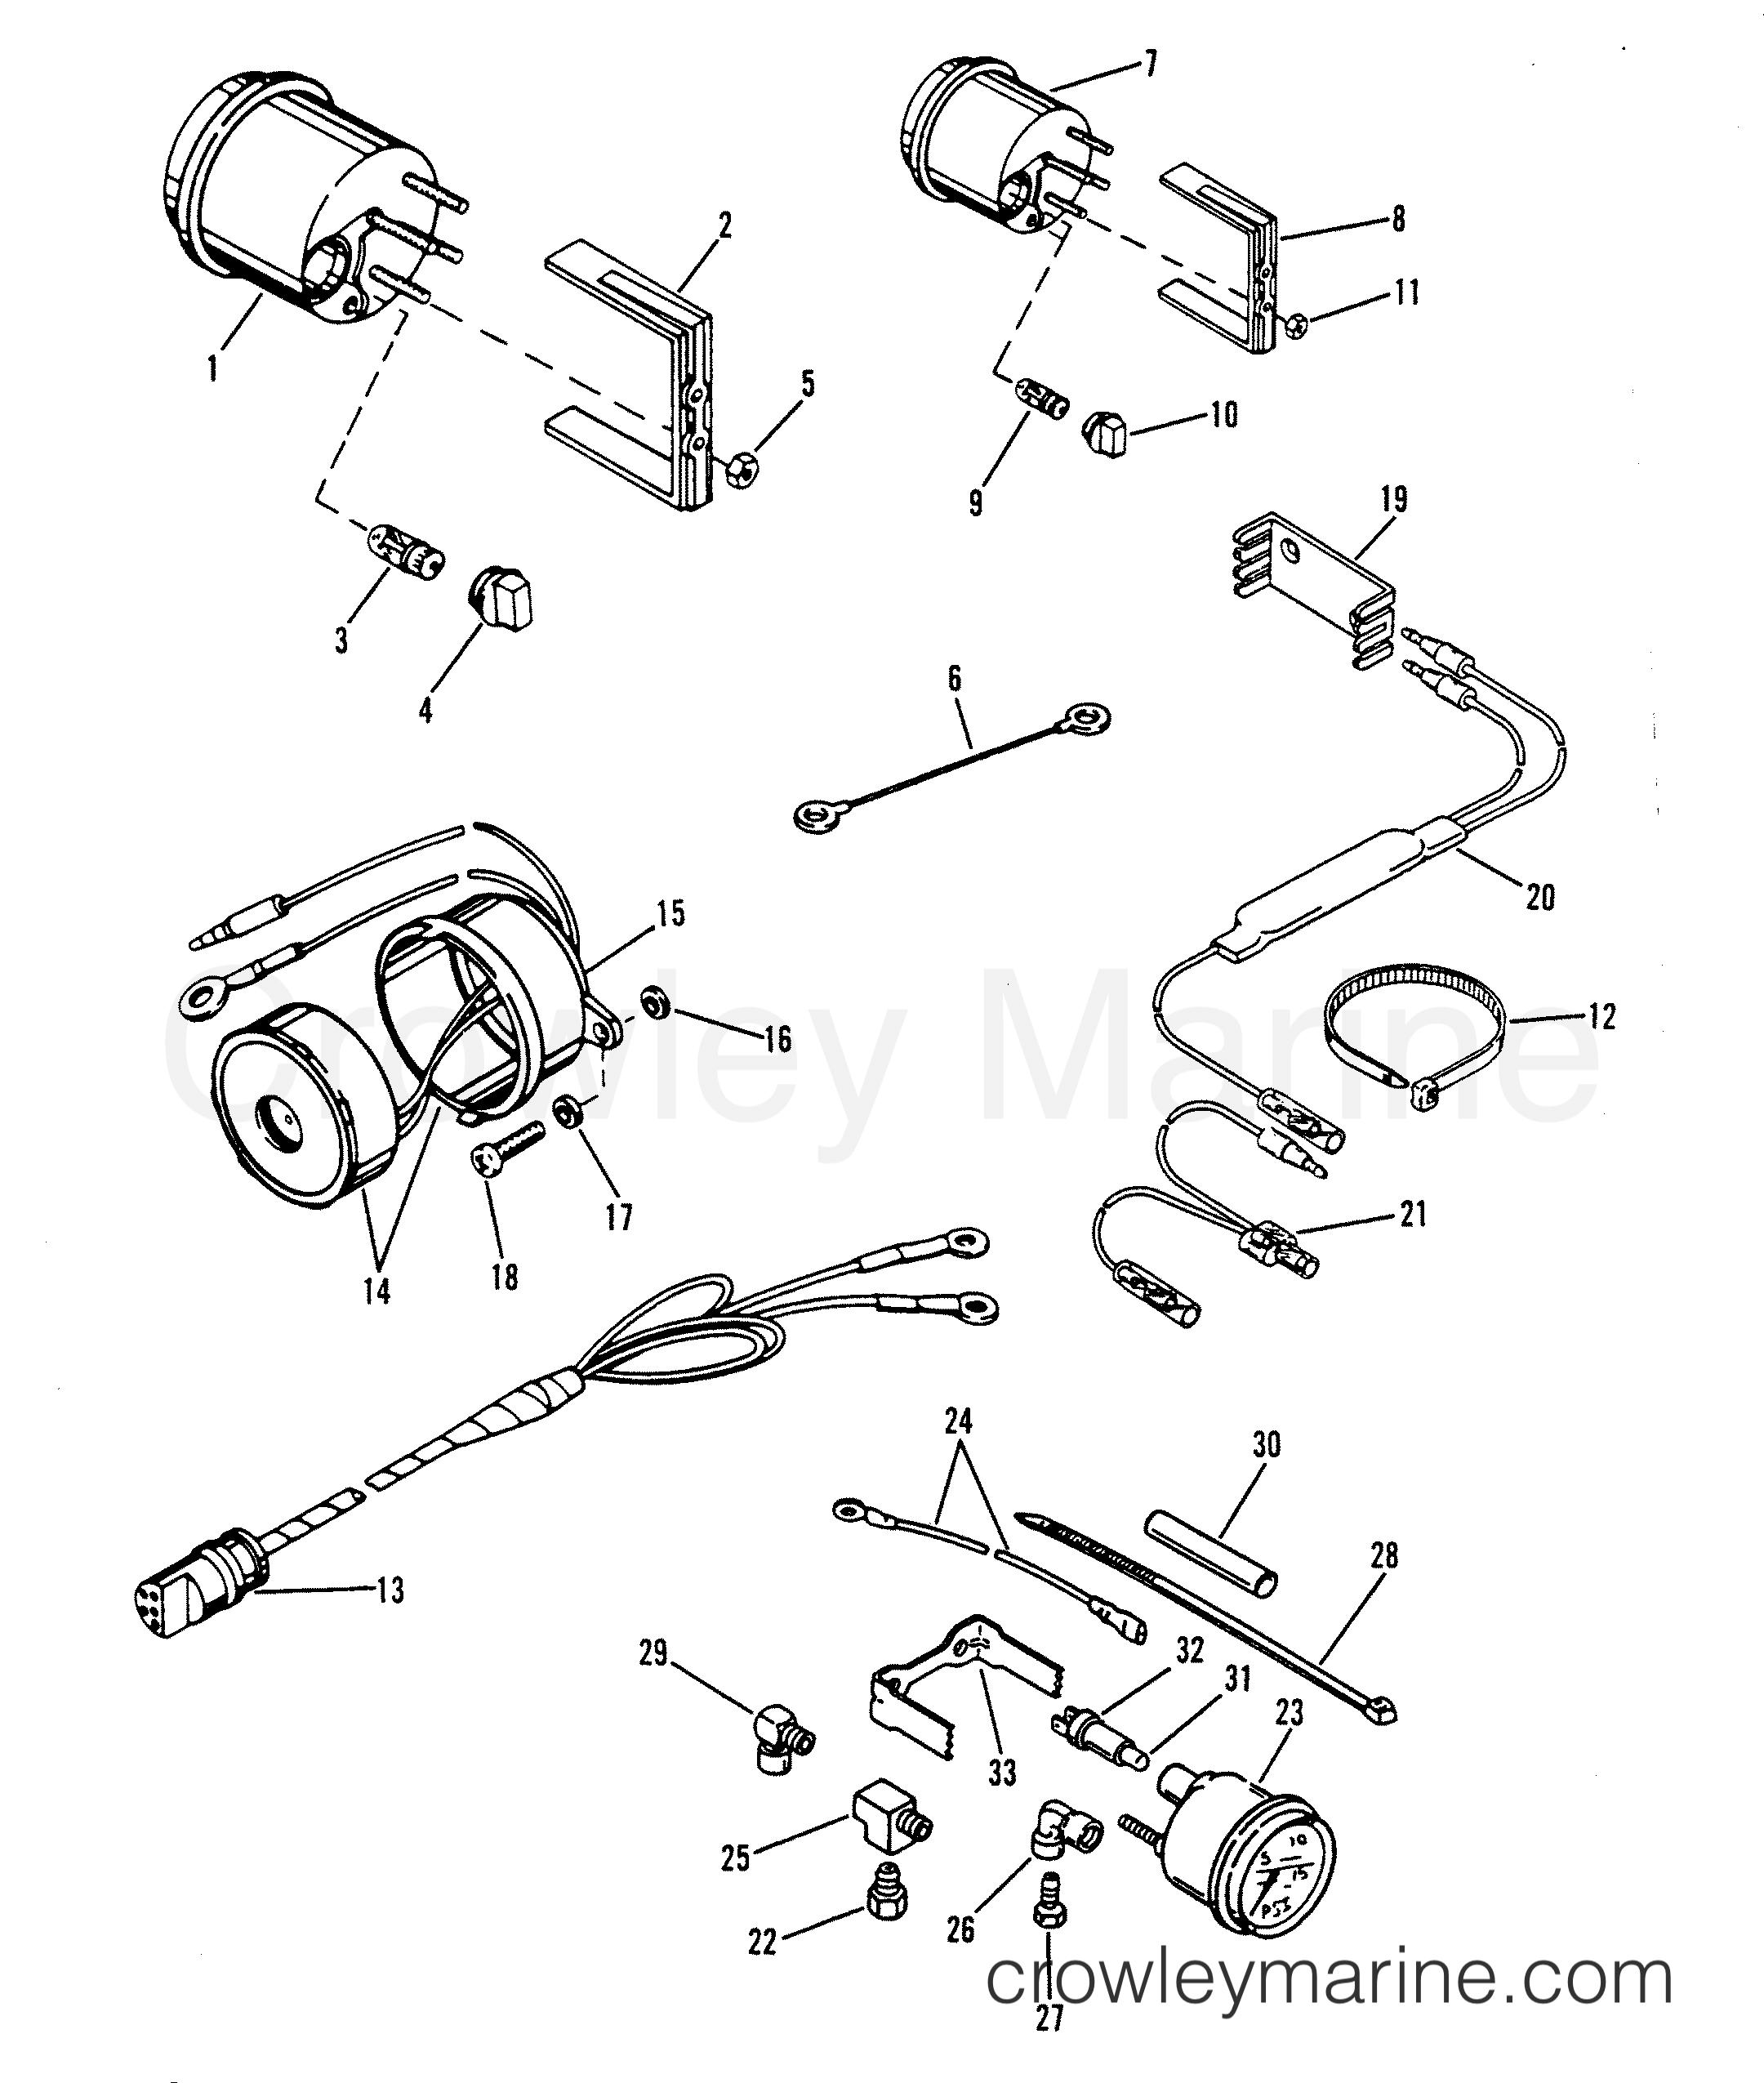 1993 Hors-bord de course Mercury 2.5 [L EFI] - 7925211BH INSTRUMENTATION section